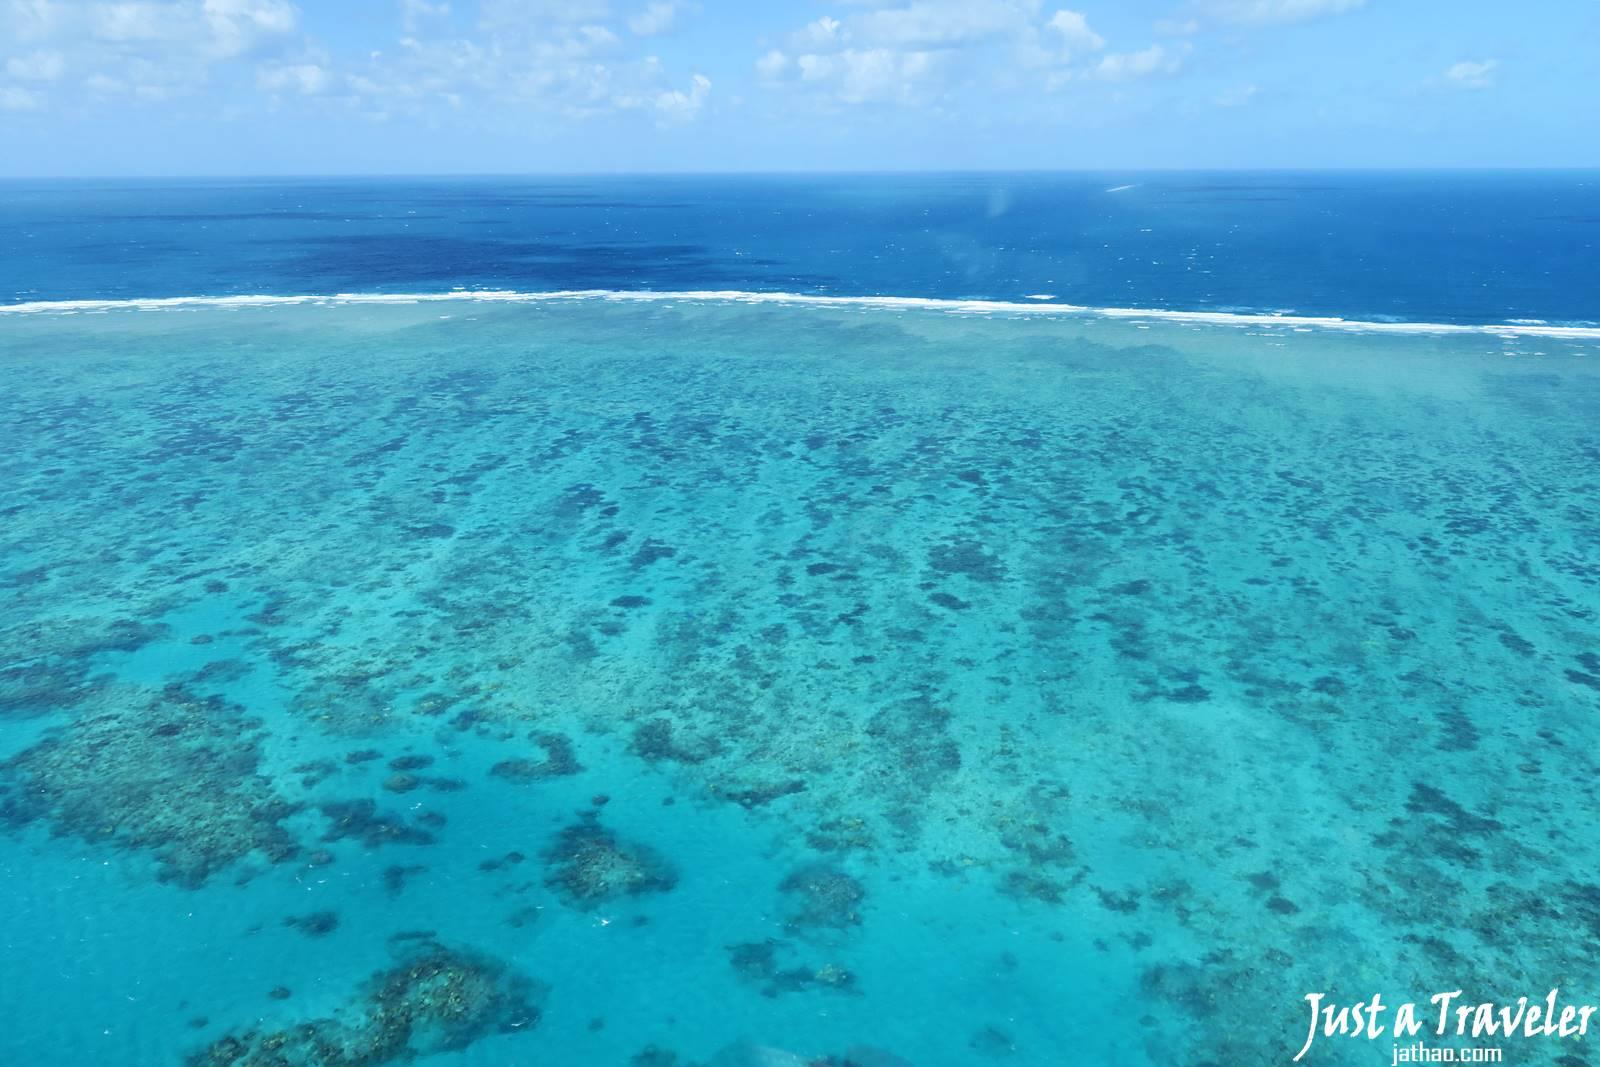 凱恩斯景點|大堡礁交通,除了能在大堡礁享受各式水上活動外,旅遊路線,博物館門票,景點全攻略!